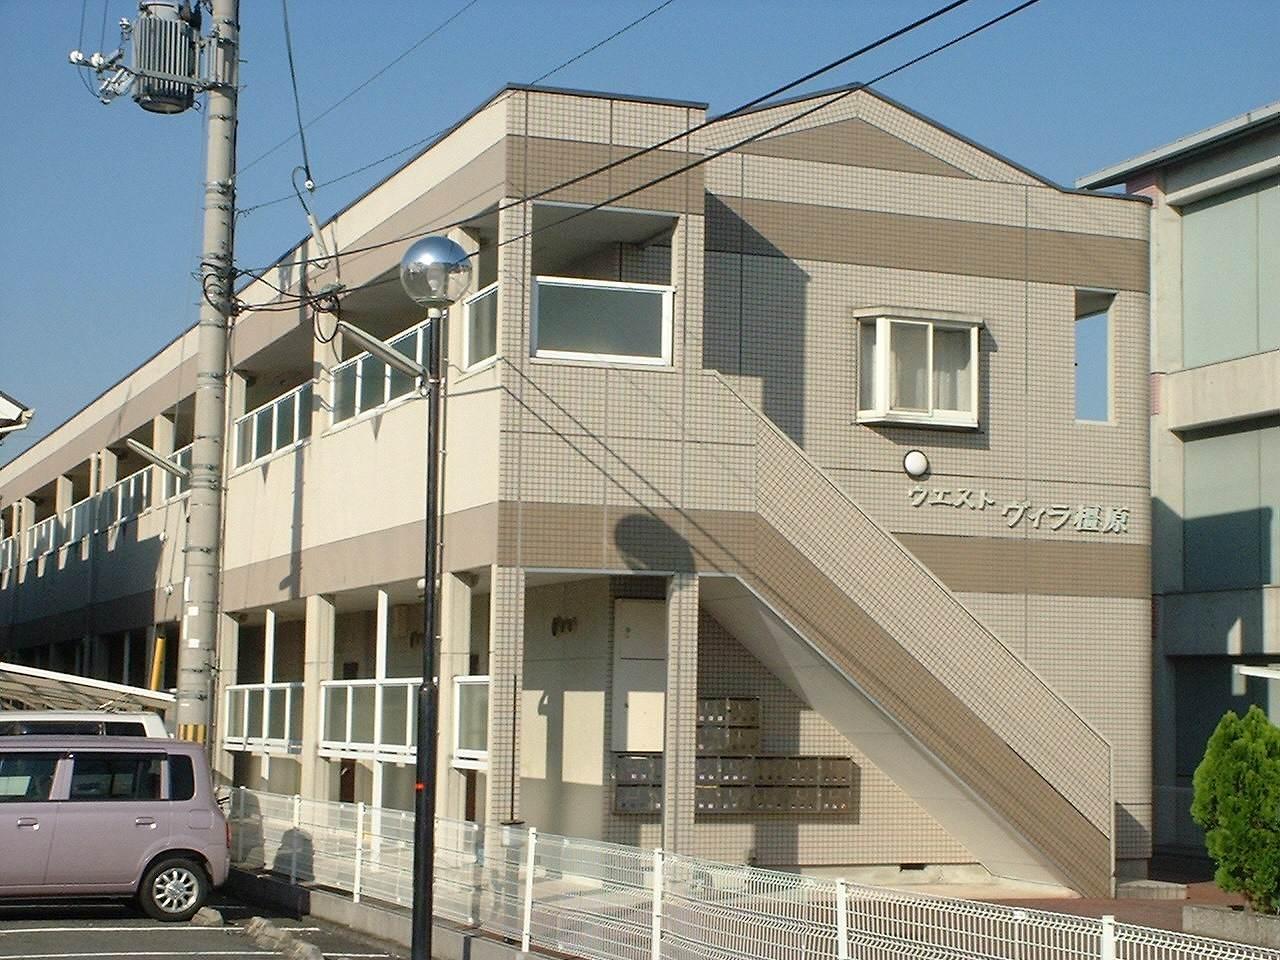 奈良県橿原市、真菅駅徒歩3分の築21年 2階建の賃貸マンション